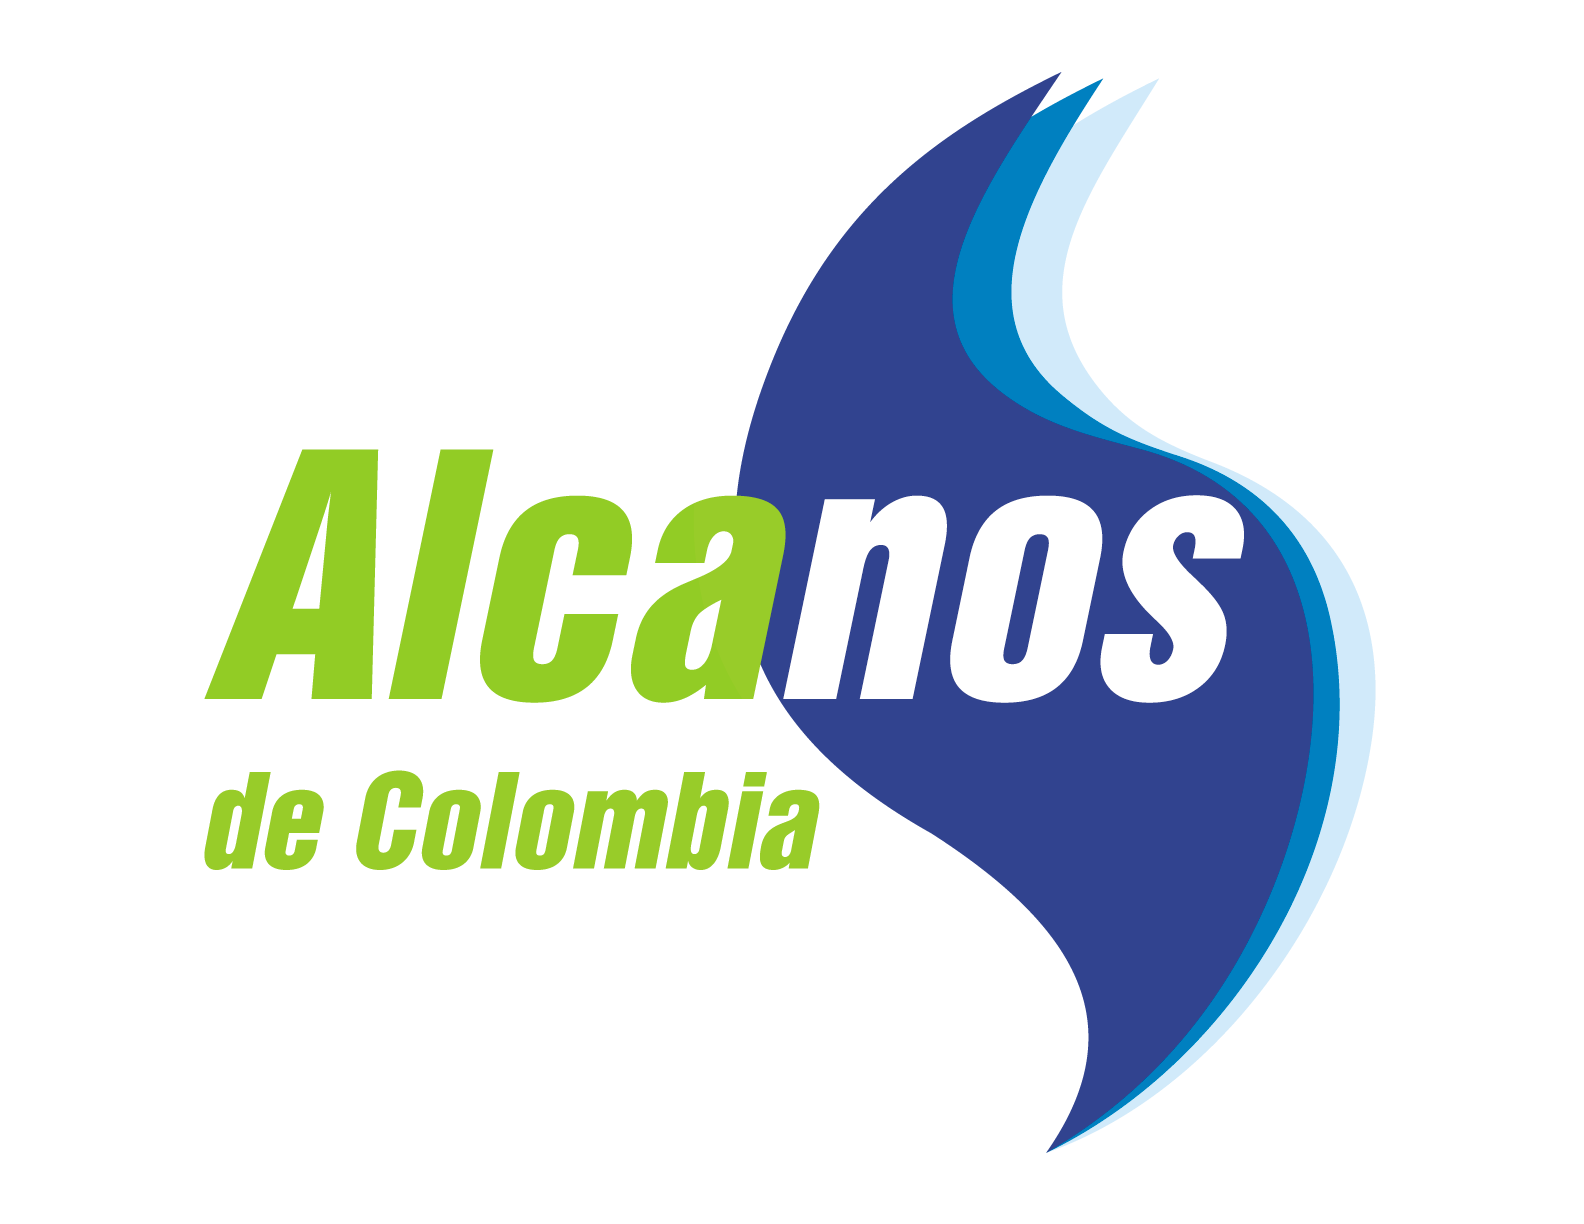 Alcanos de colombia S.A E.S.P